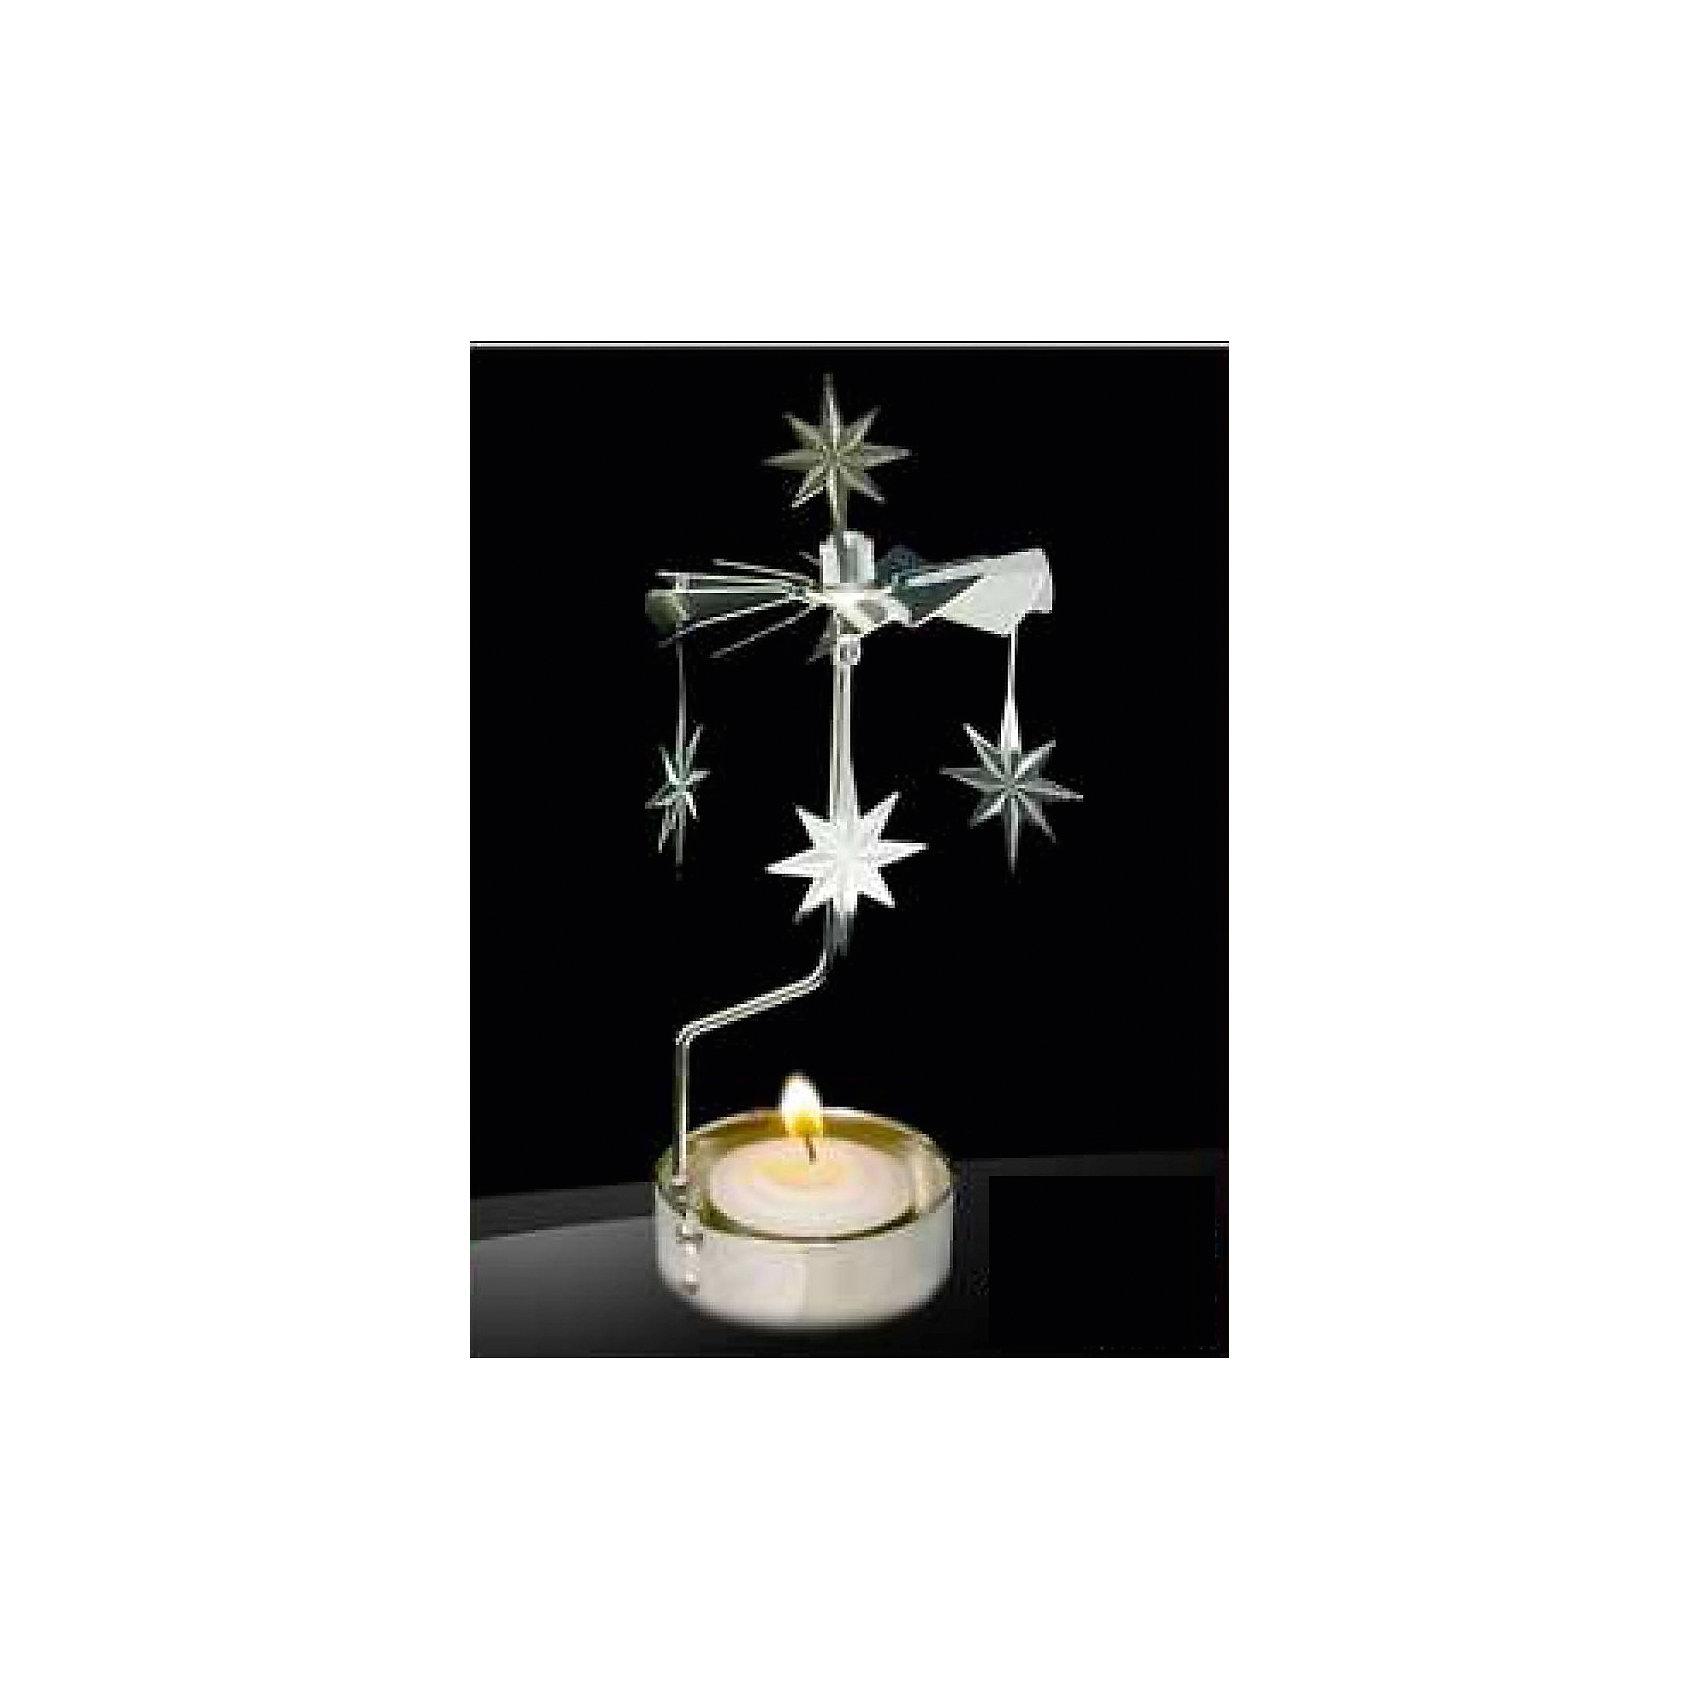 Феникс-Презент Новогодний декоративный подсвечник из черного окрашенного металла (6,5*16 см) декоративный магнит новогодний подарок 6 см х 5 см 31544